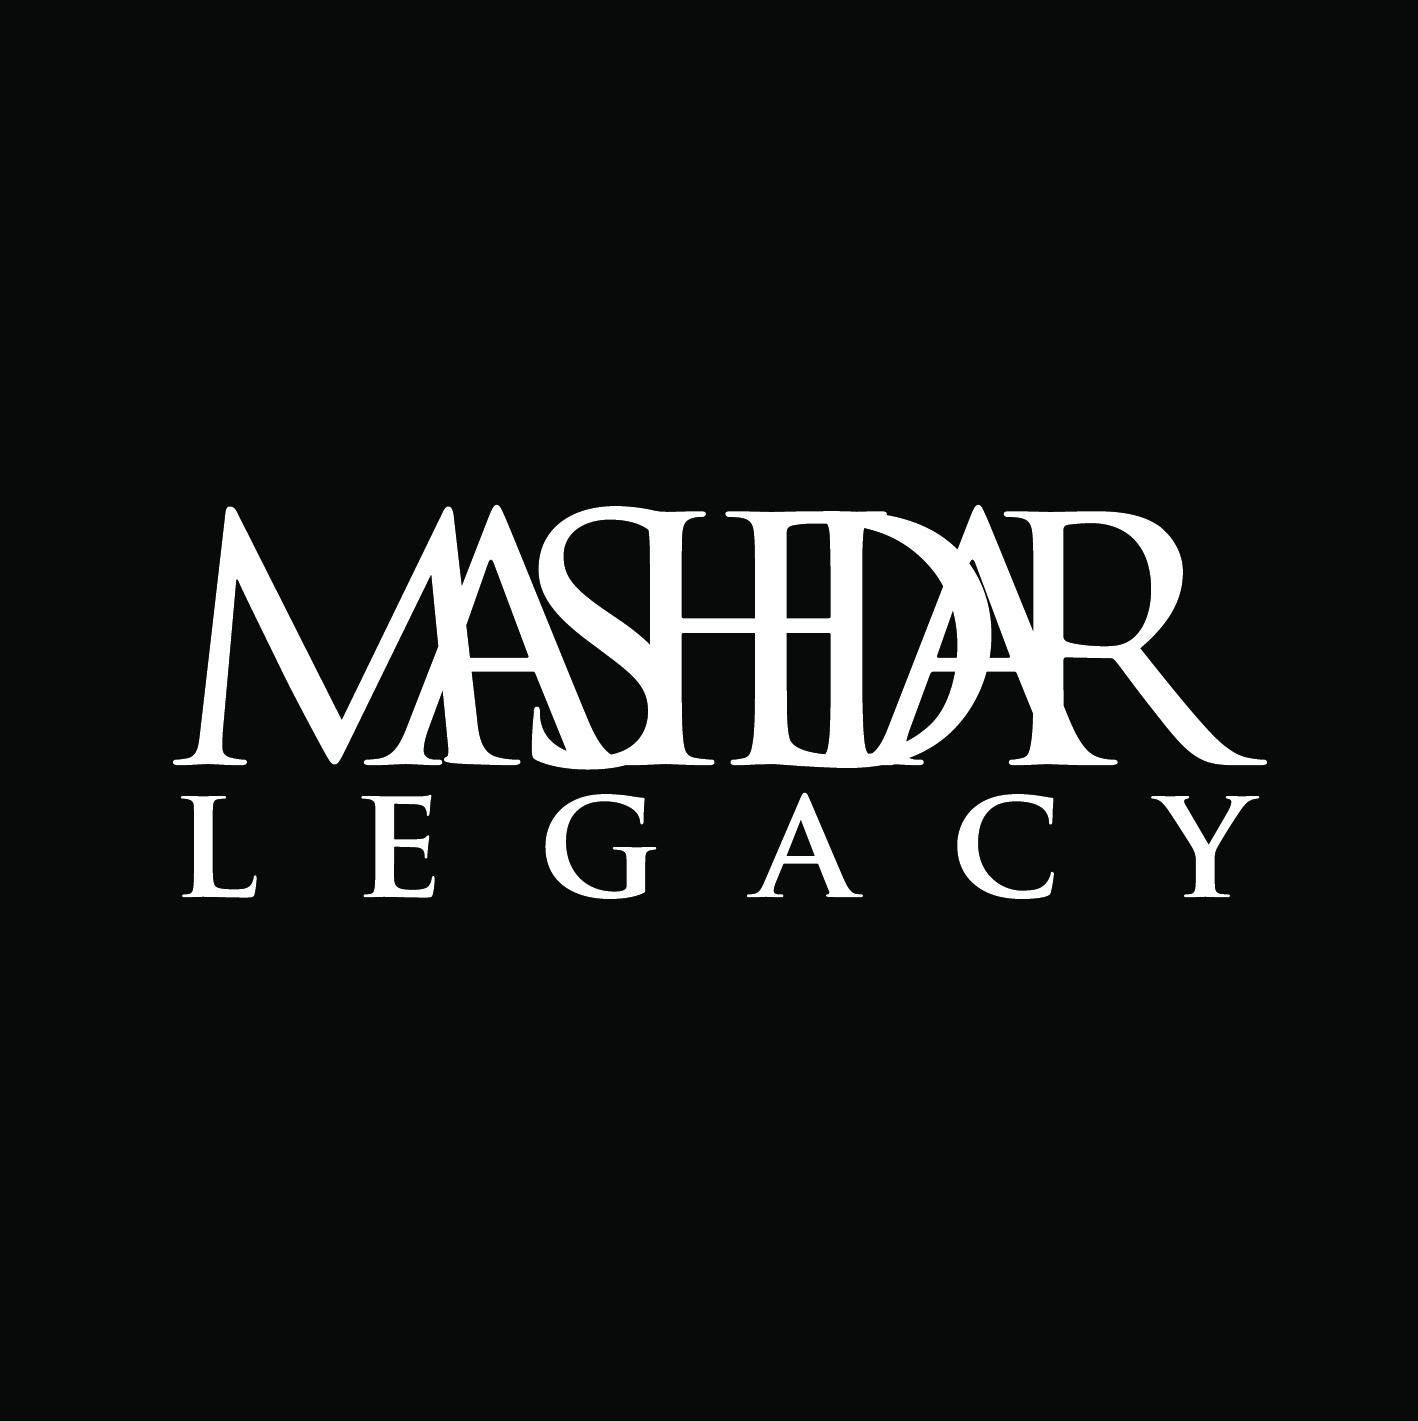 MashdarLegacy